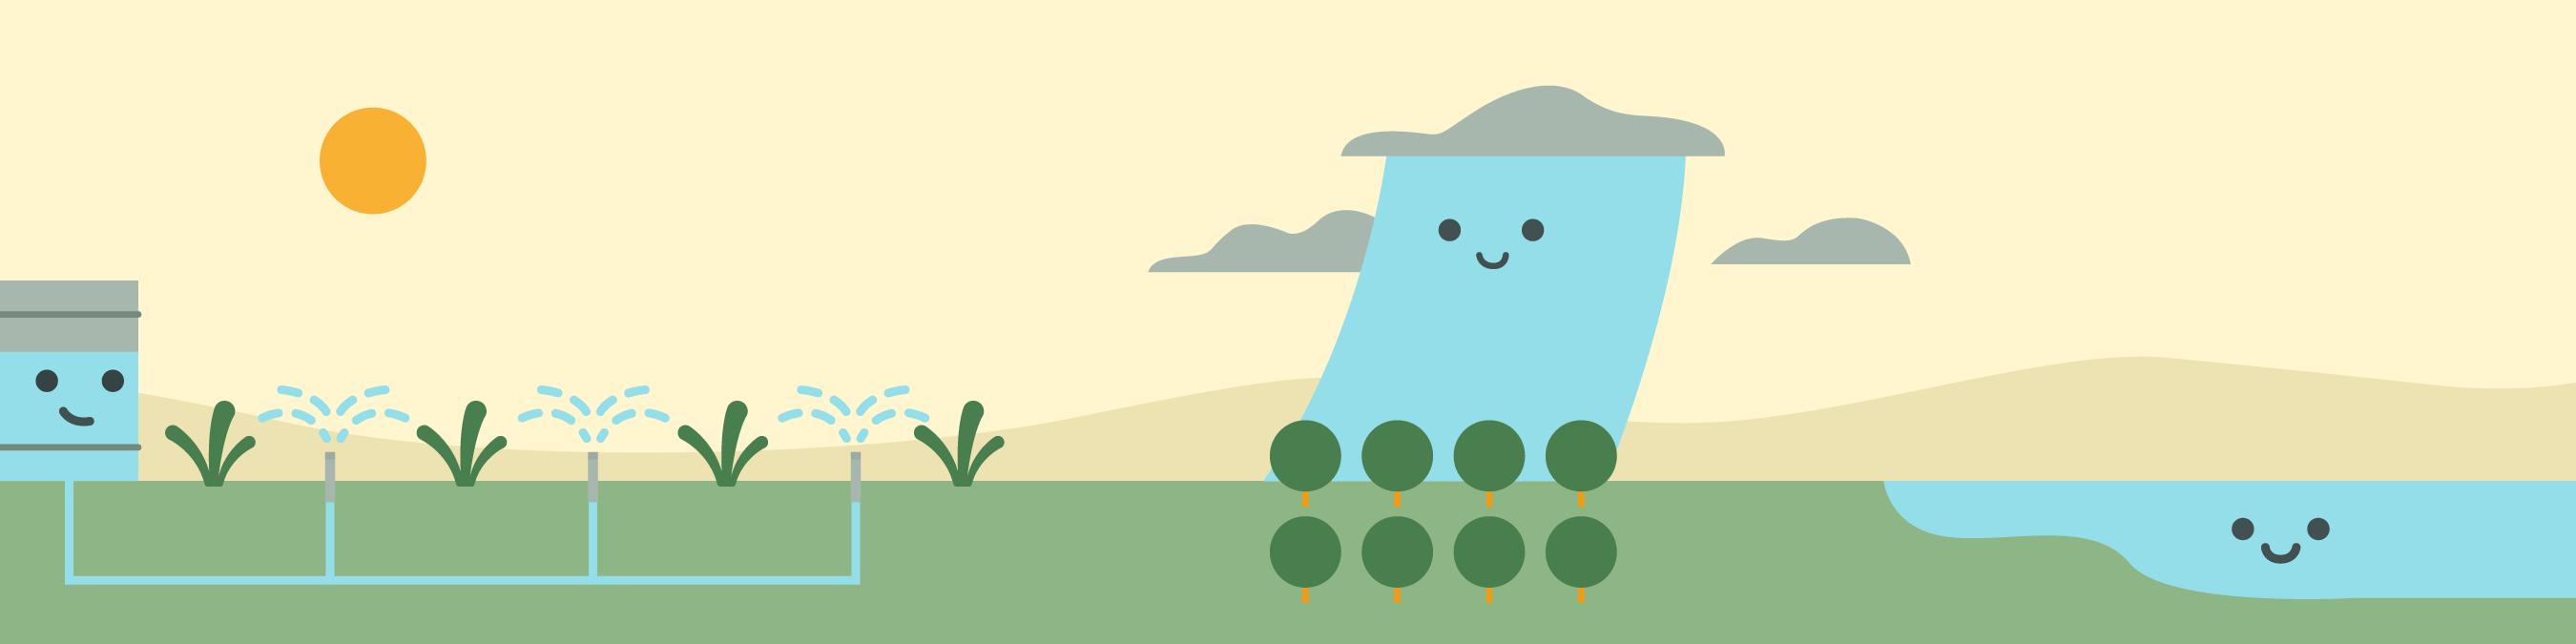 La ilustración de una nube de agua cayendo sobre un campo de cultivo